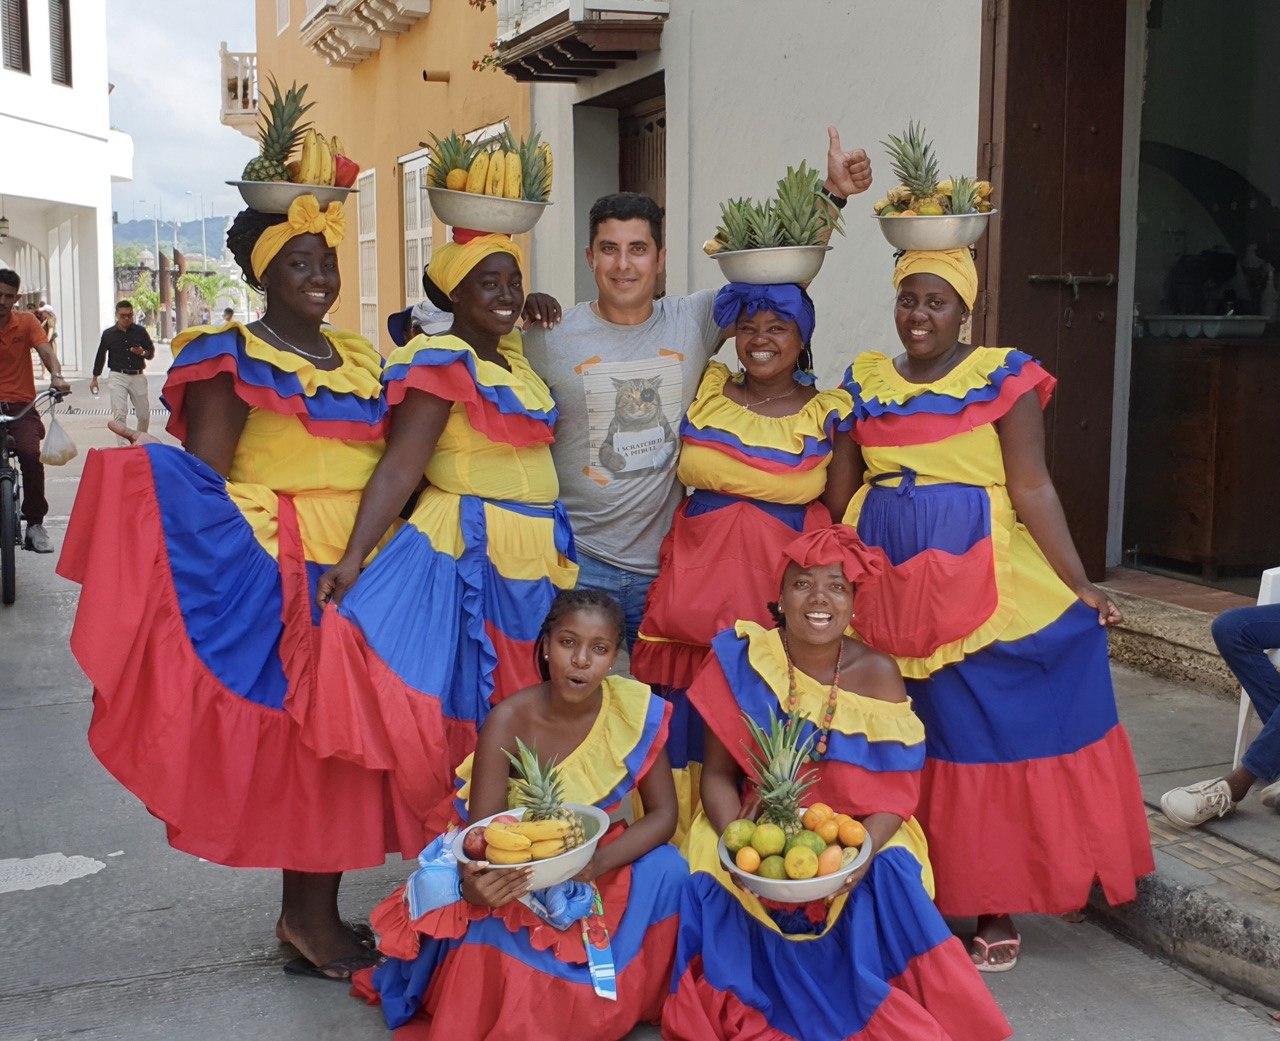 Майские праздники в Колумбии с ТО «Калипсо Украина»